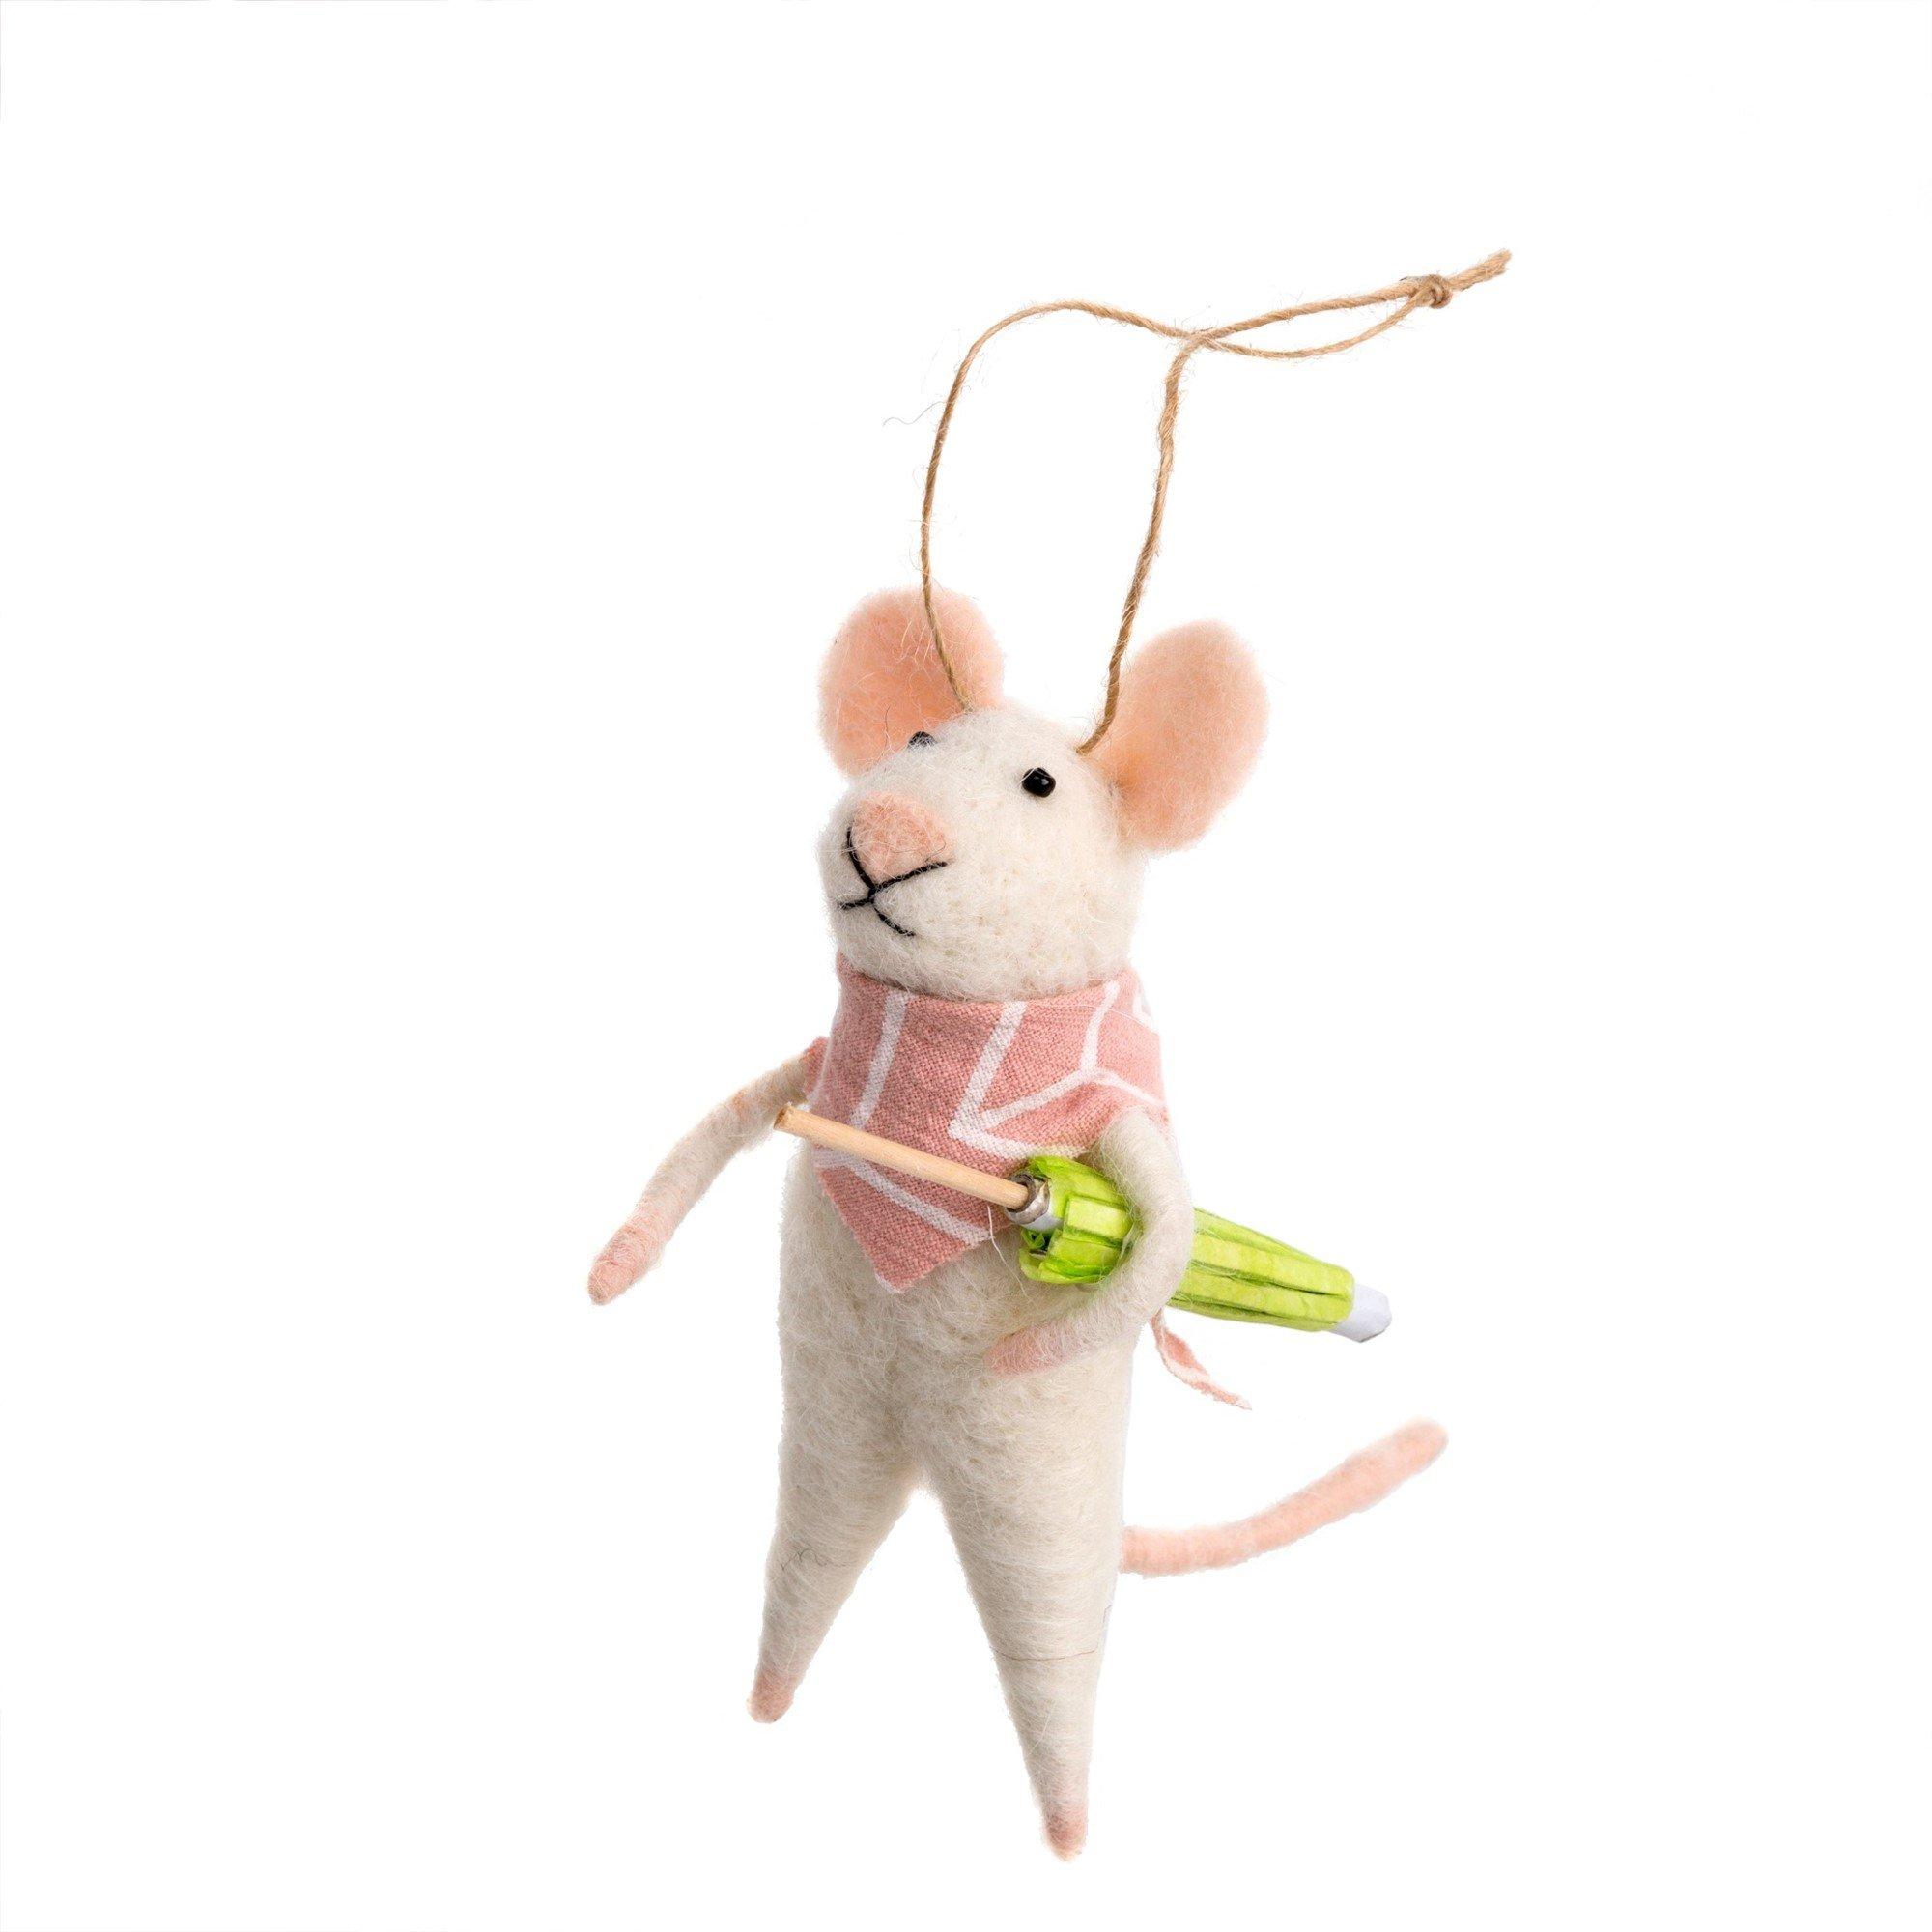 Indaba Bandana Bandit Felt Mouse Ornament